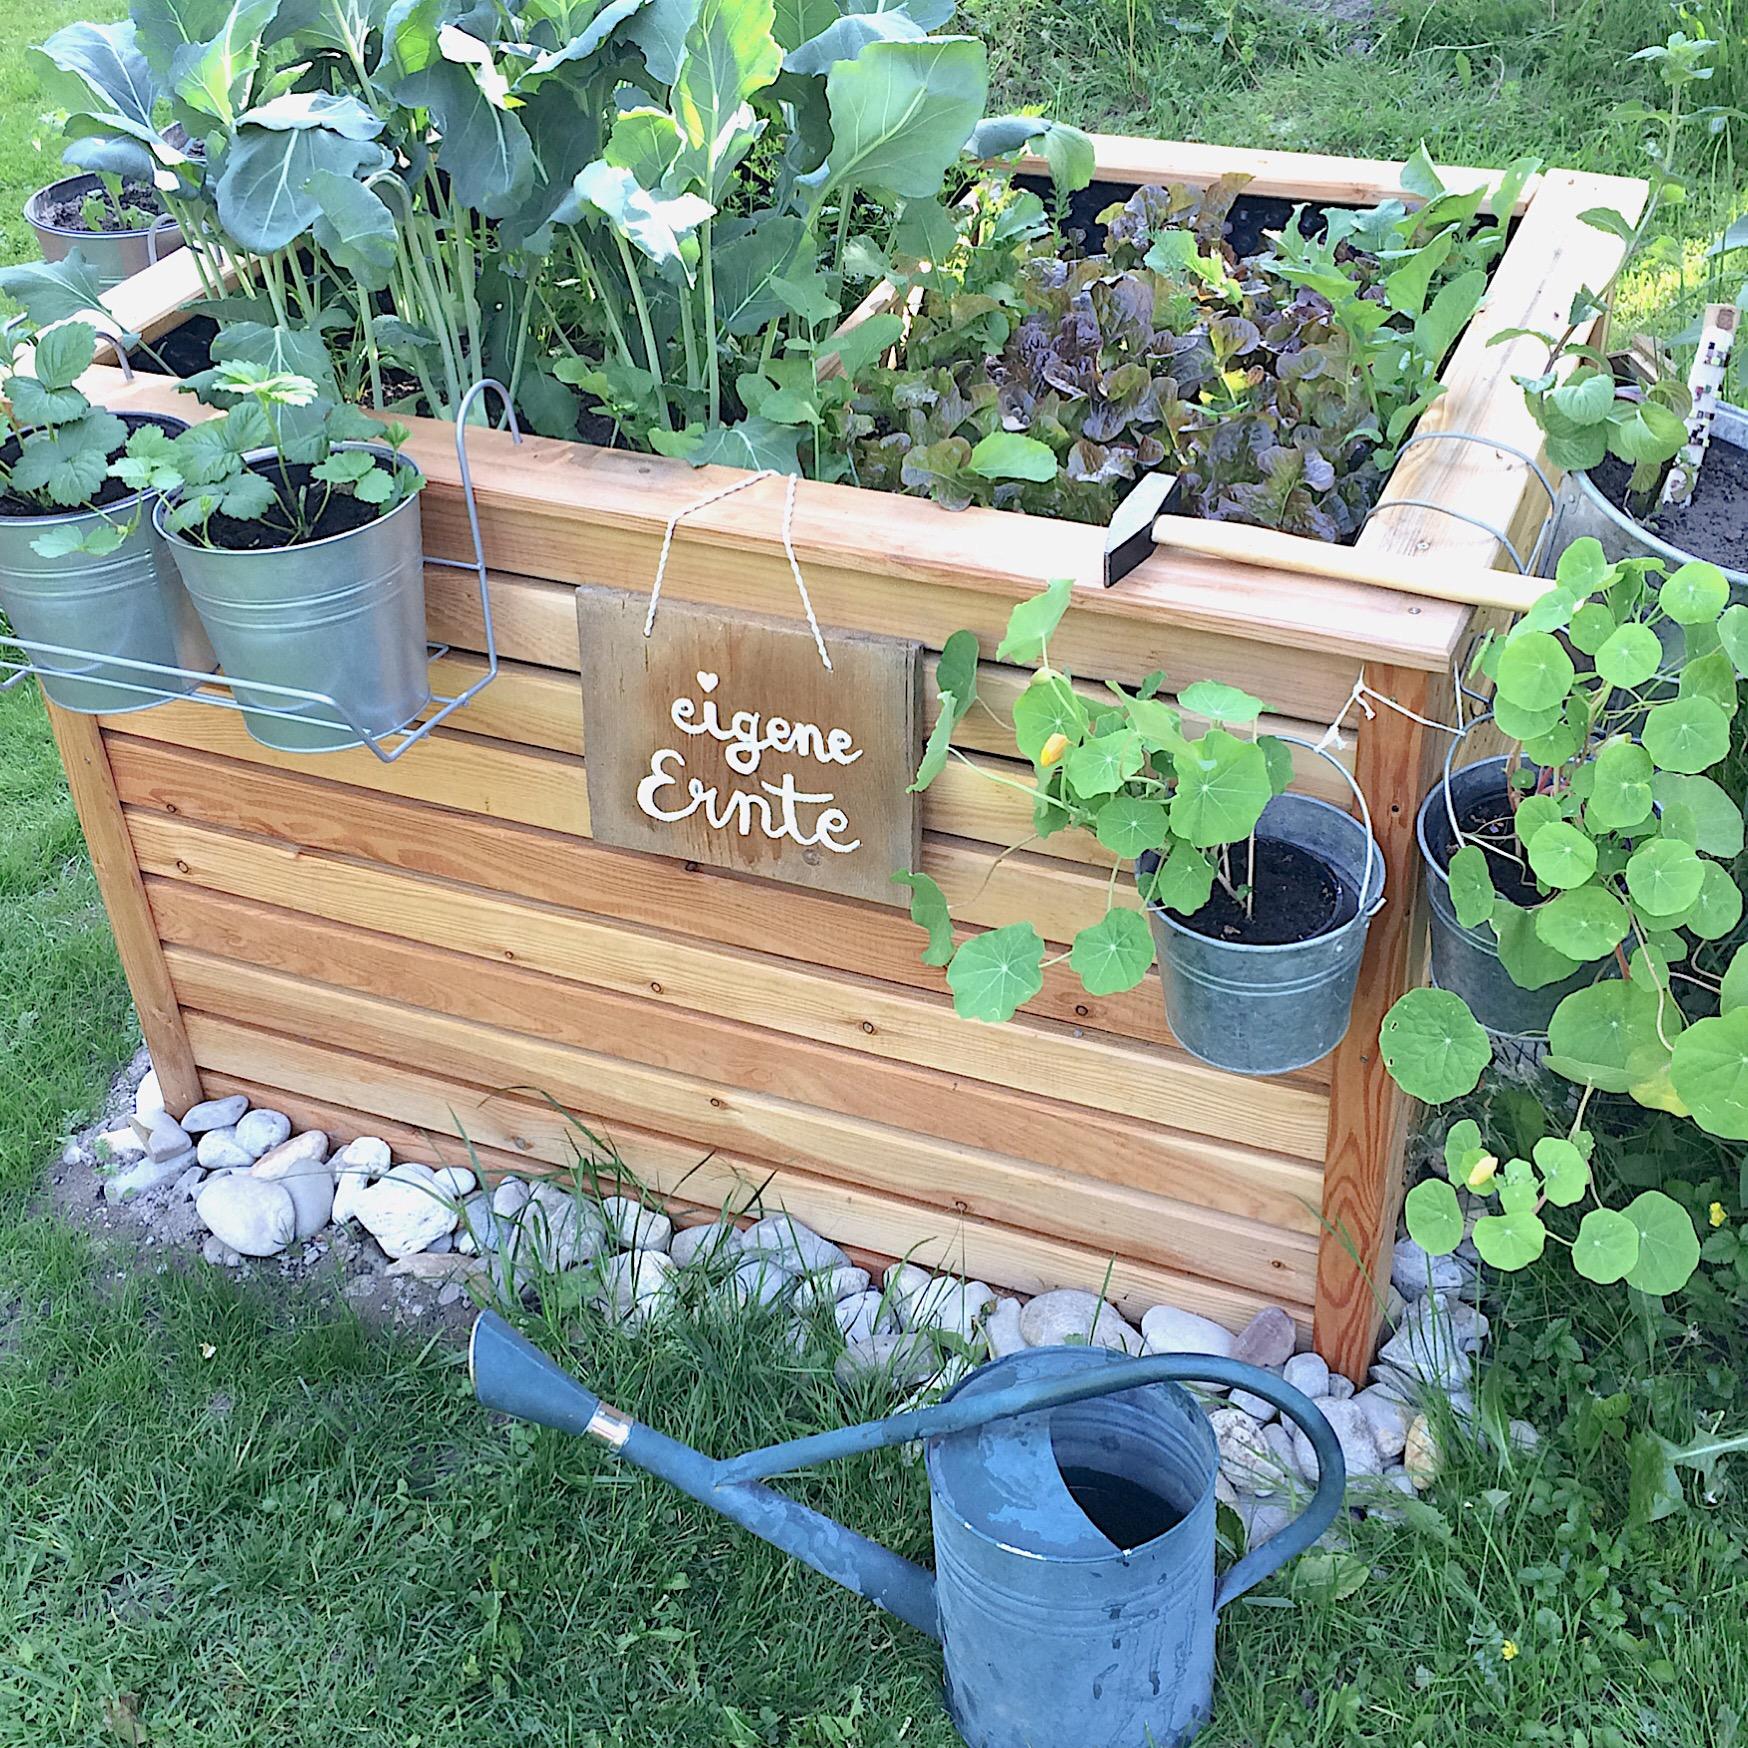 Hochbeet Gartensaison 2016 Glutenfreie Rezepte Kreative Ideen